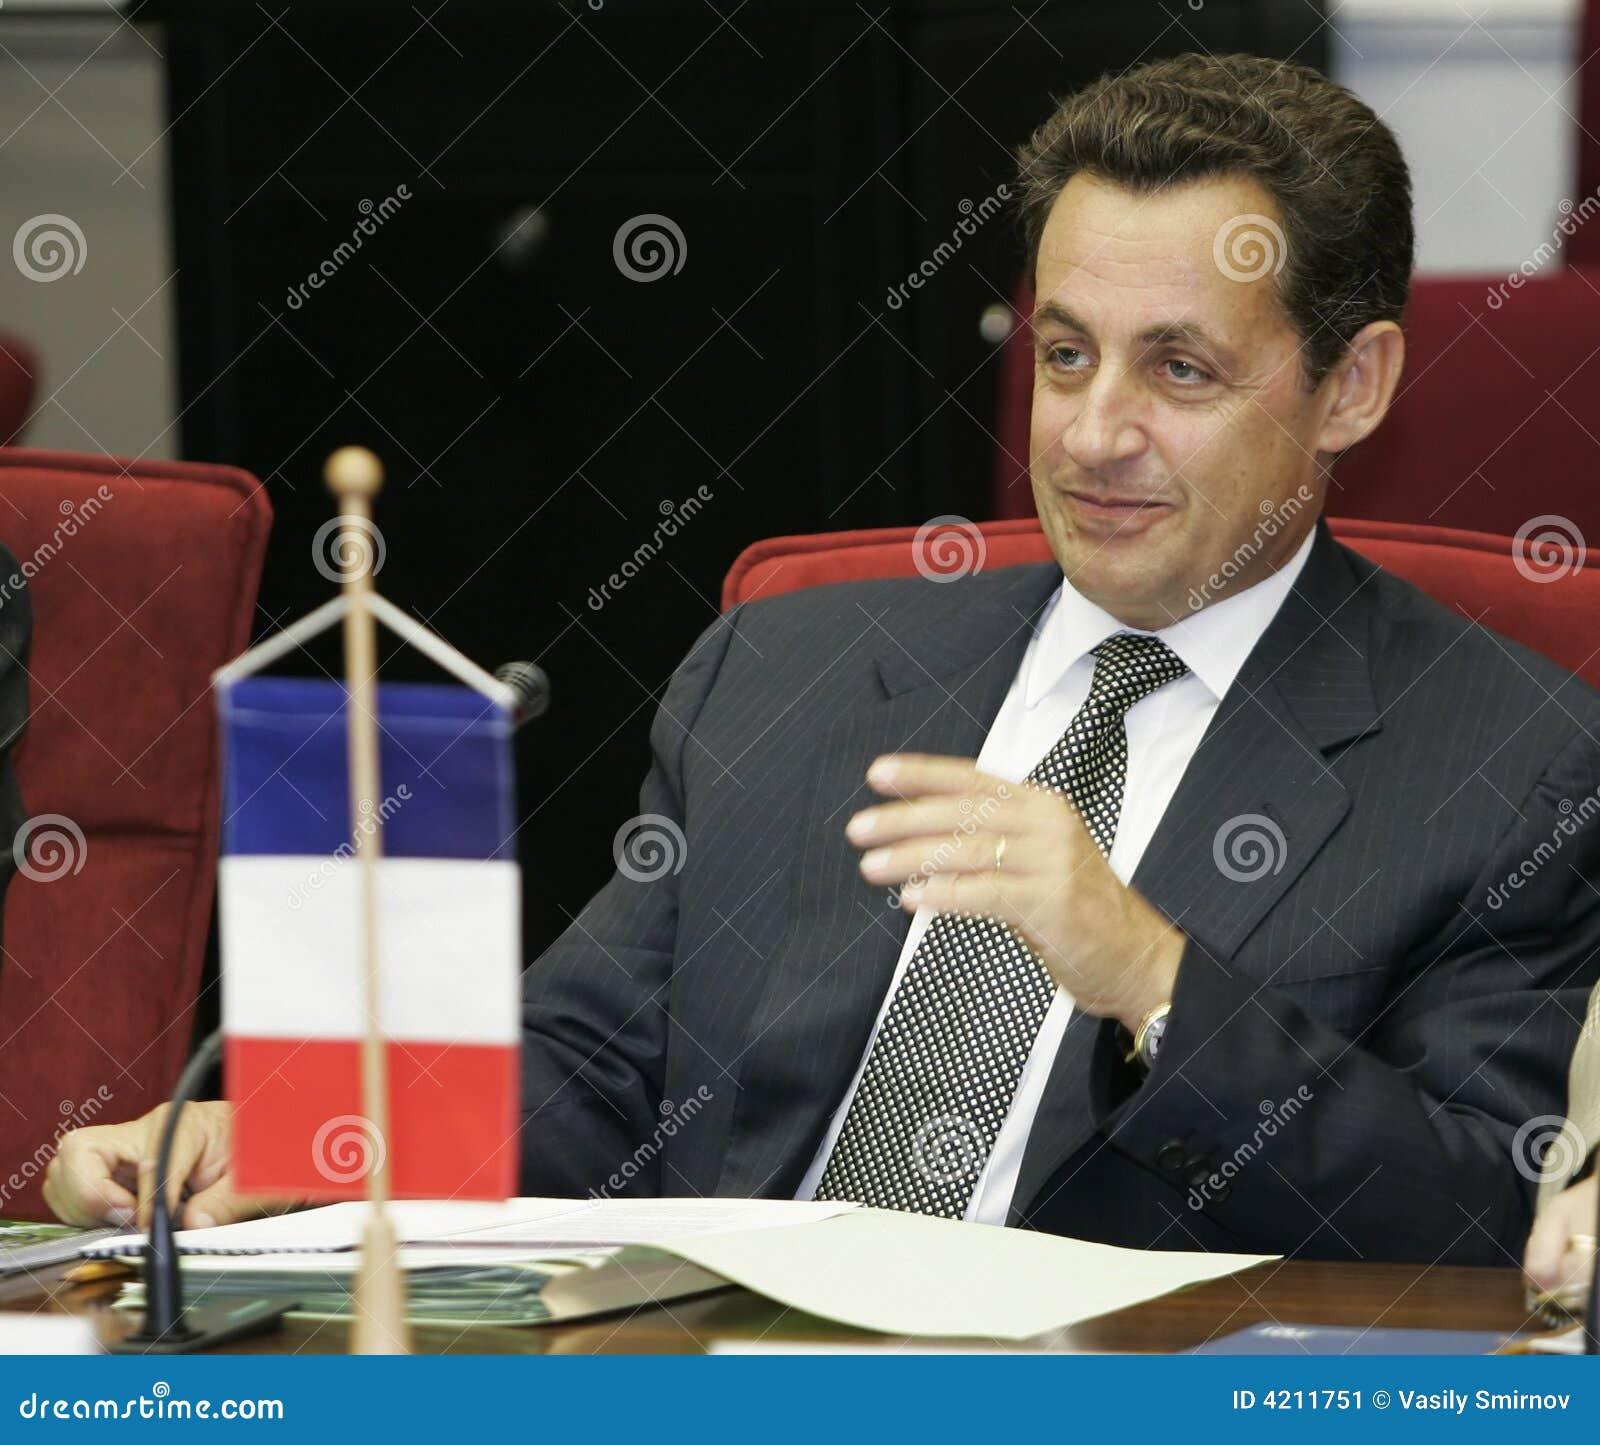 Presidente del French Republic Nicolas Sarkozy